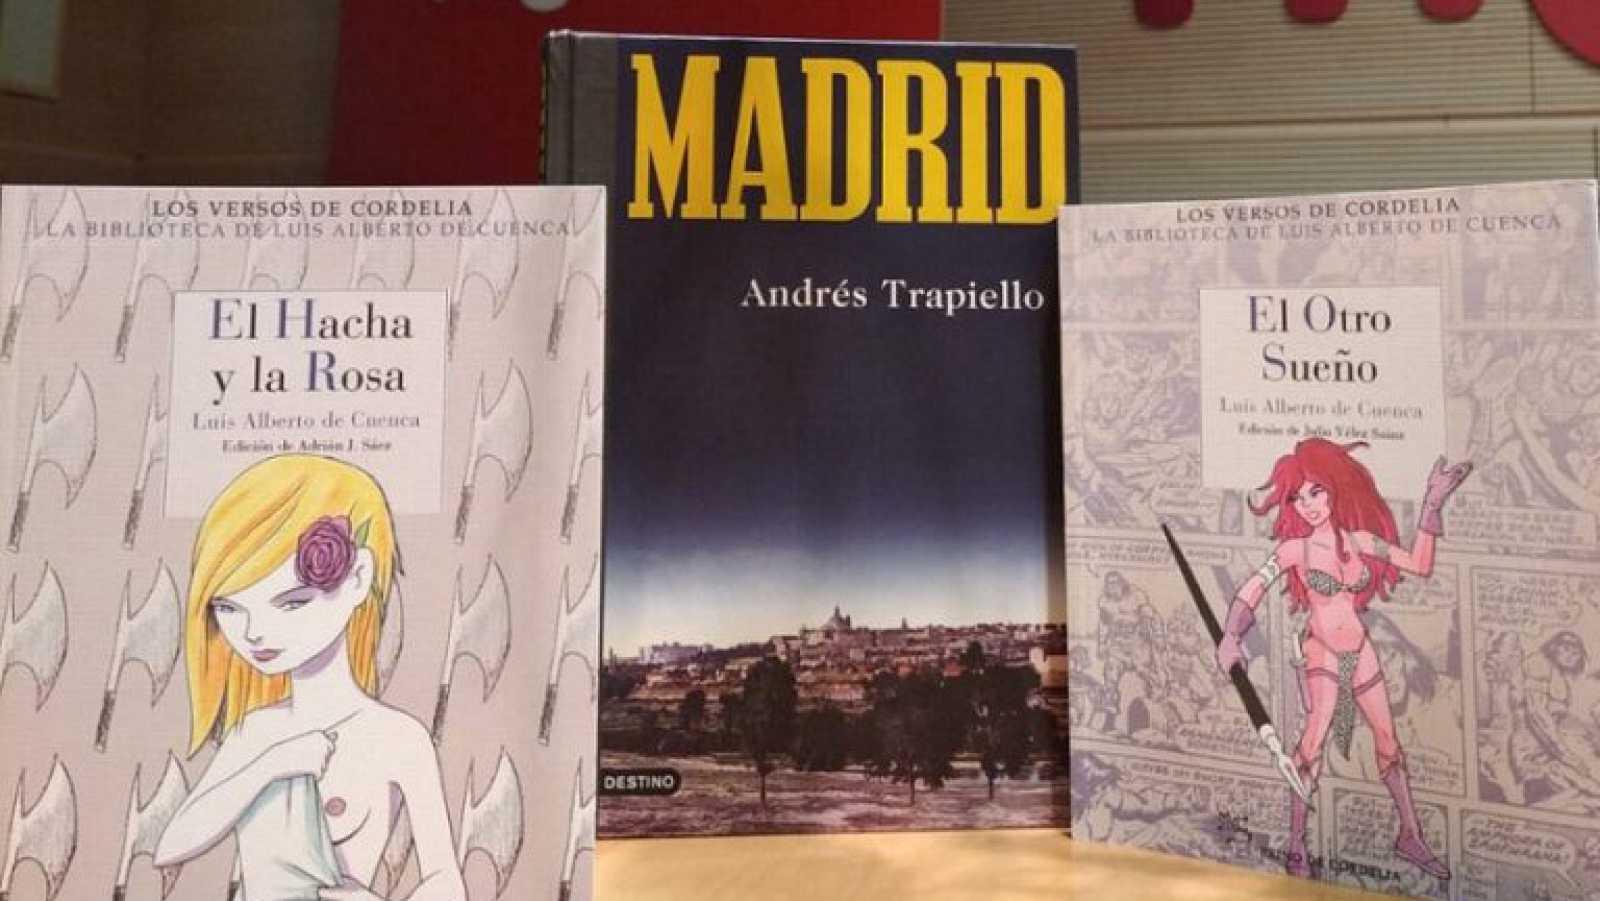 Sexto continente - Madrid, ciudad literaria y de acogida - 06/02/21 - escuchar ahora